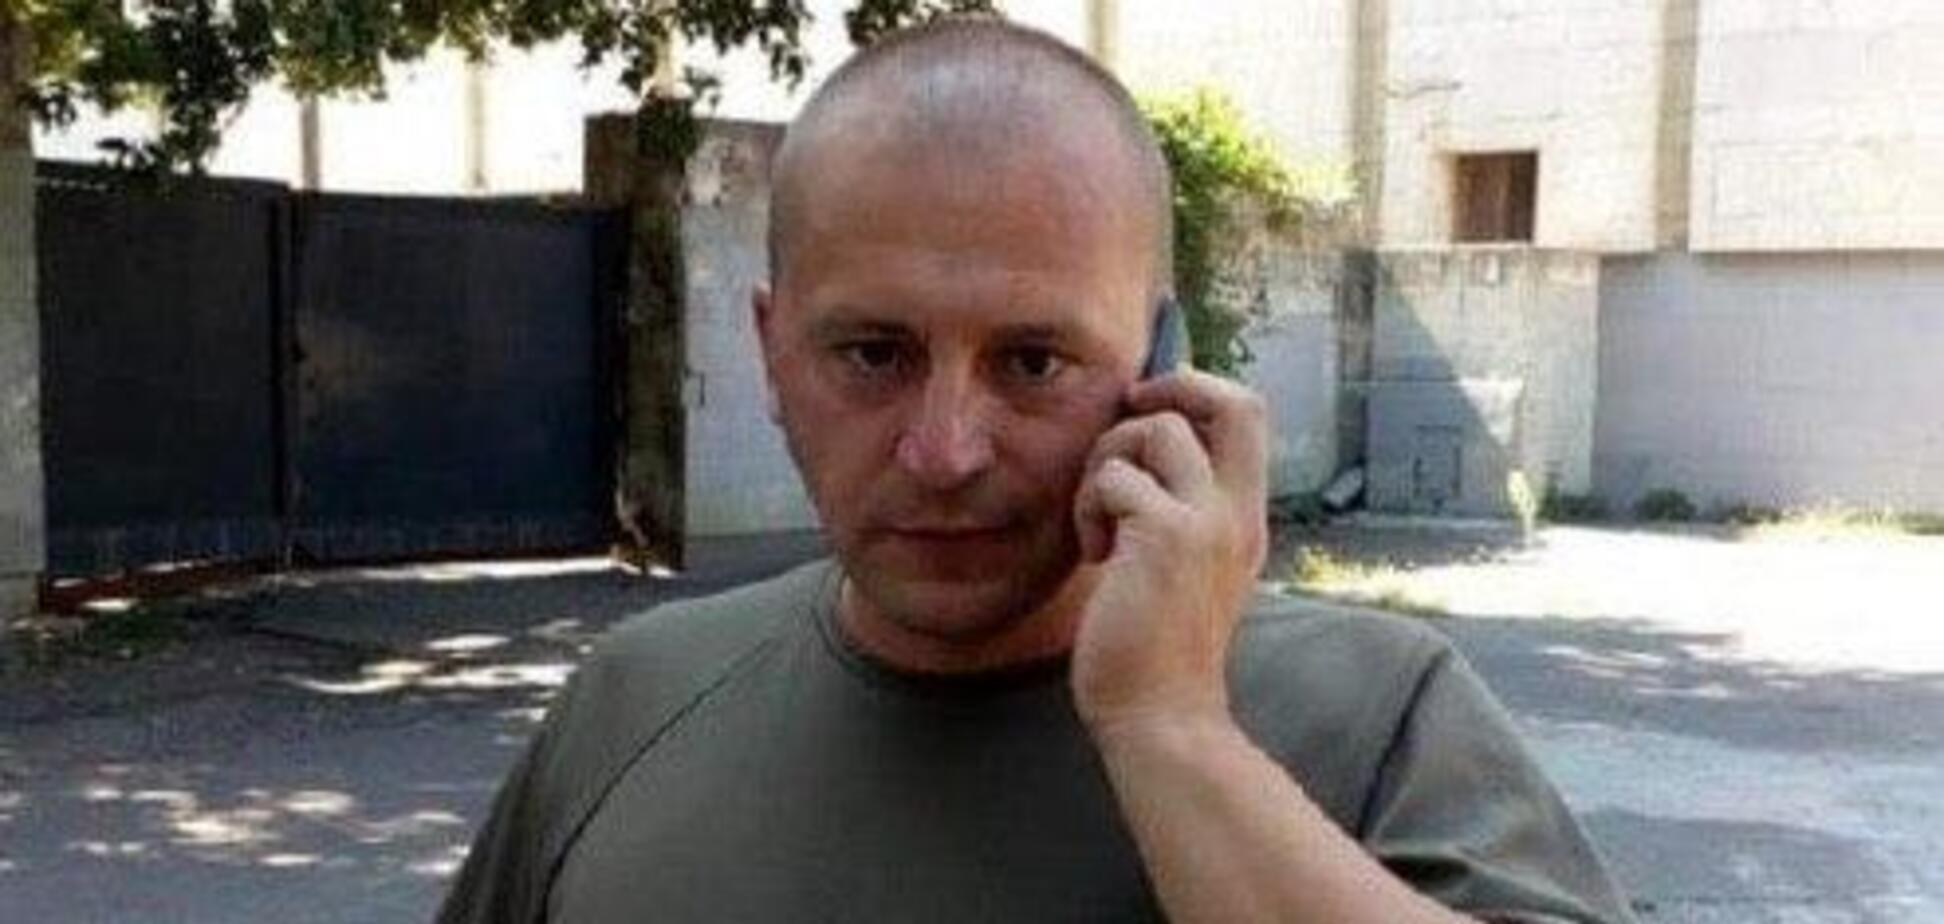 Захищав Україну в ООС: у Дніпрі зник військовий. Фото і прикмети